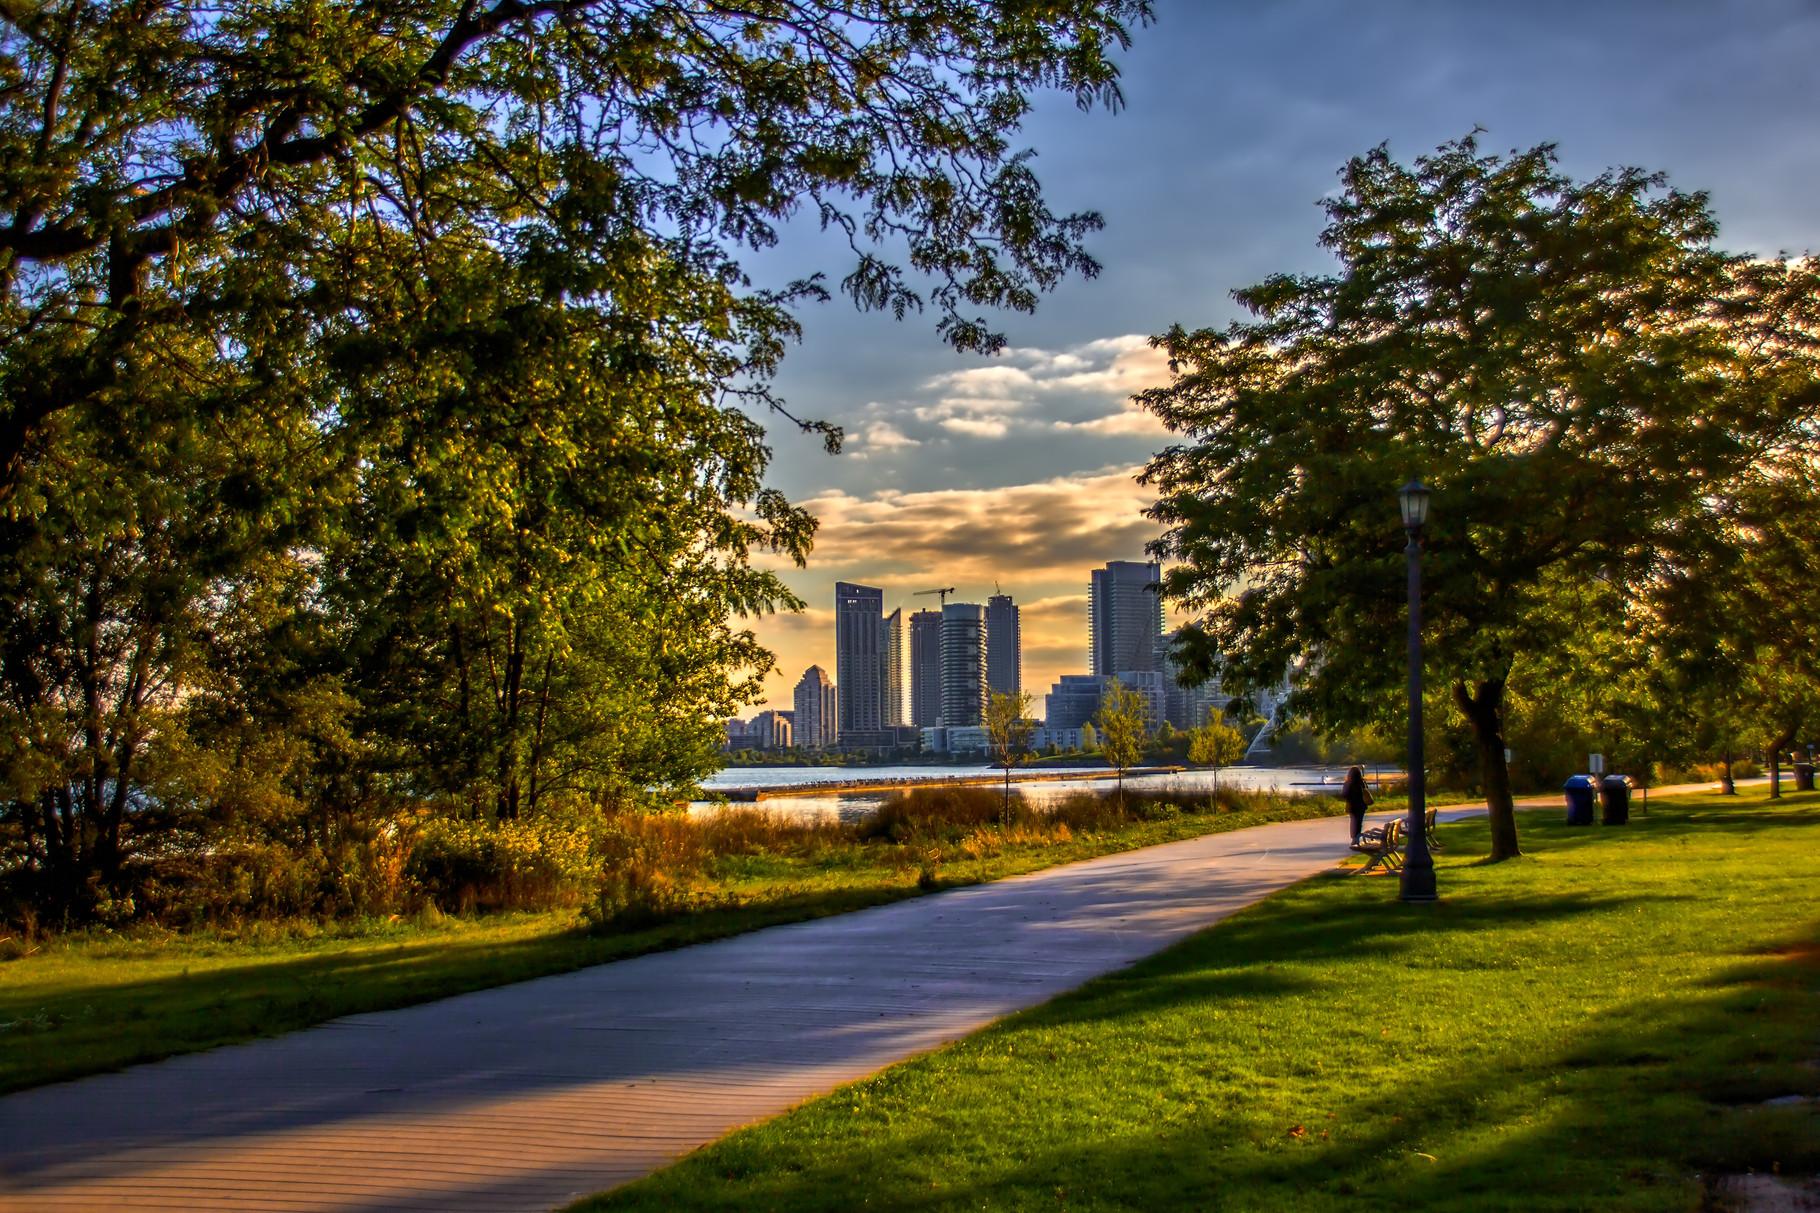 05_Park am Stadtrand von Toronto_HDR.